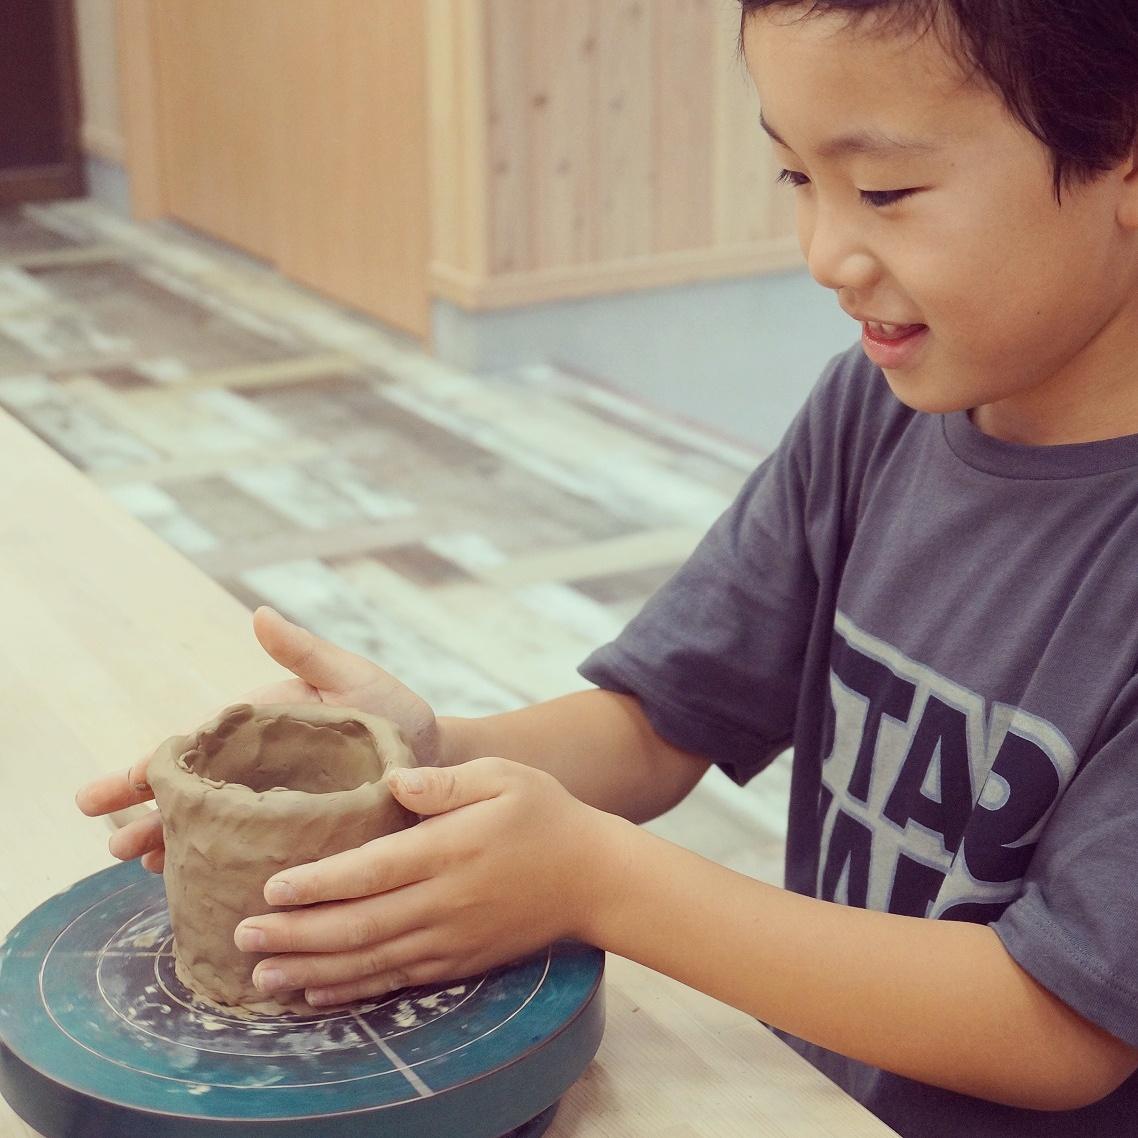 【鳴門市×陶芸体験】伝統の窯元で手びねり体験◆コップorお茶碗orお皿が作れる!